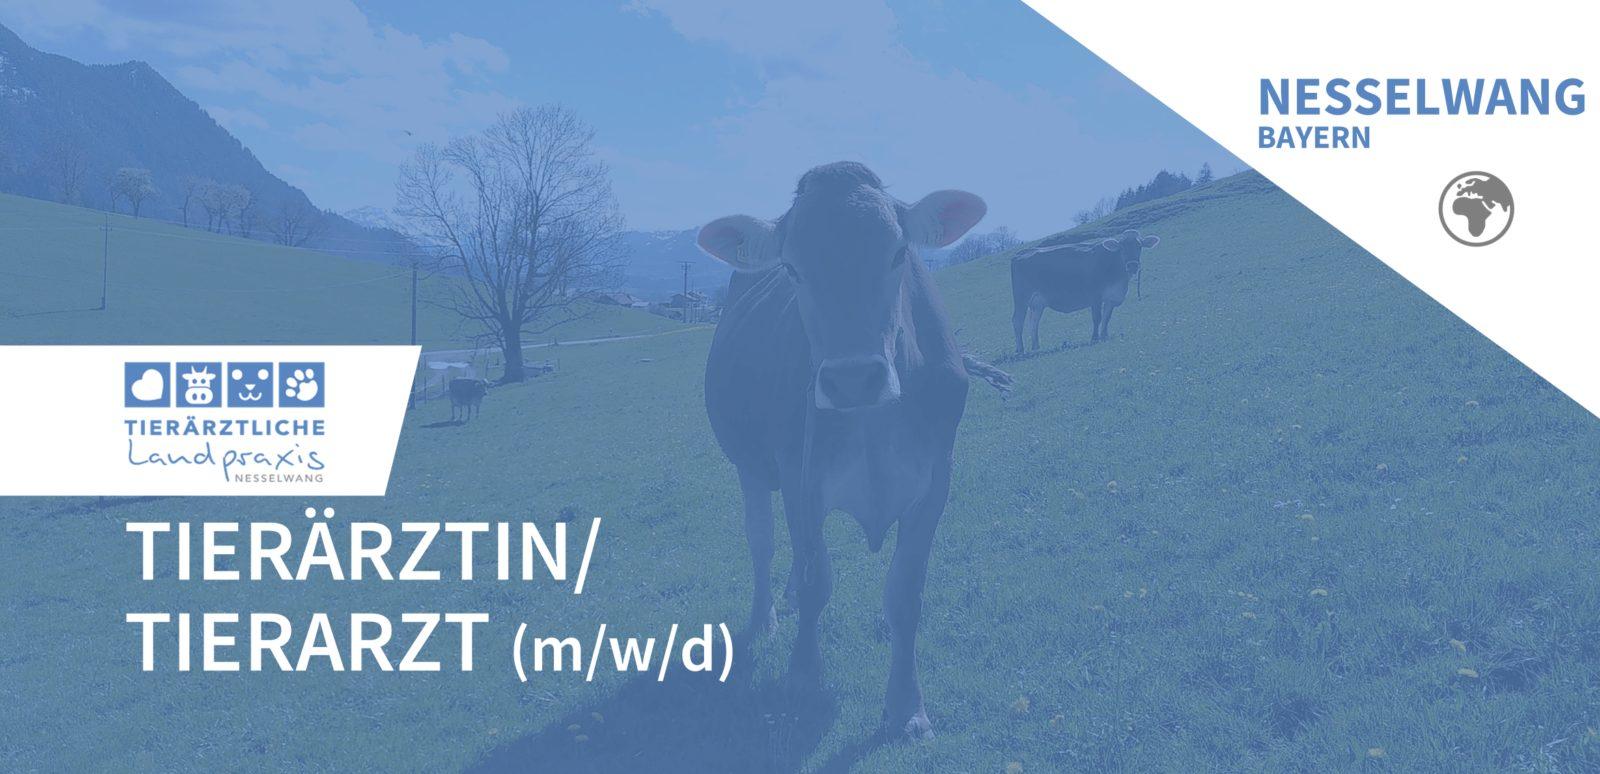 Tierärztliche Landpraxis Nesselwang GbR - Tierärztin/Tierarzt (m/w/d) in Nesselwang gesucht